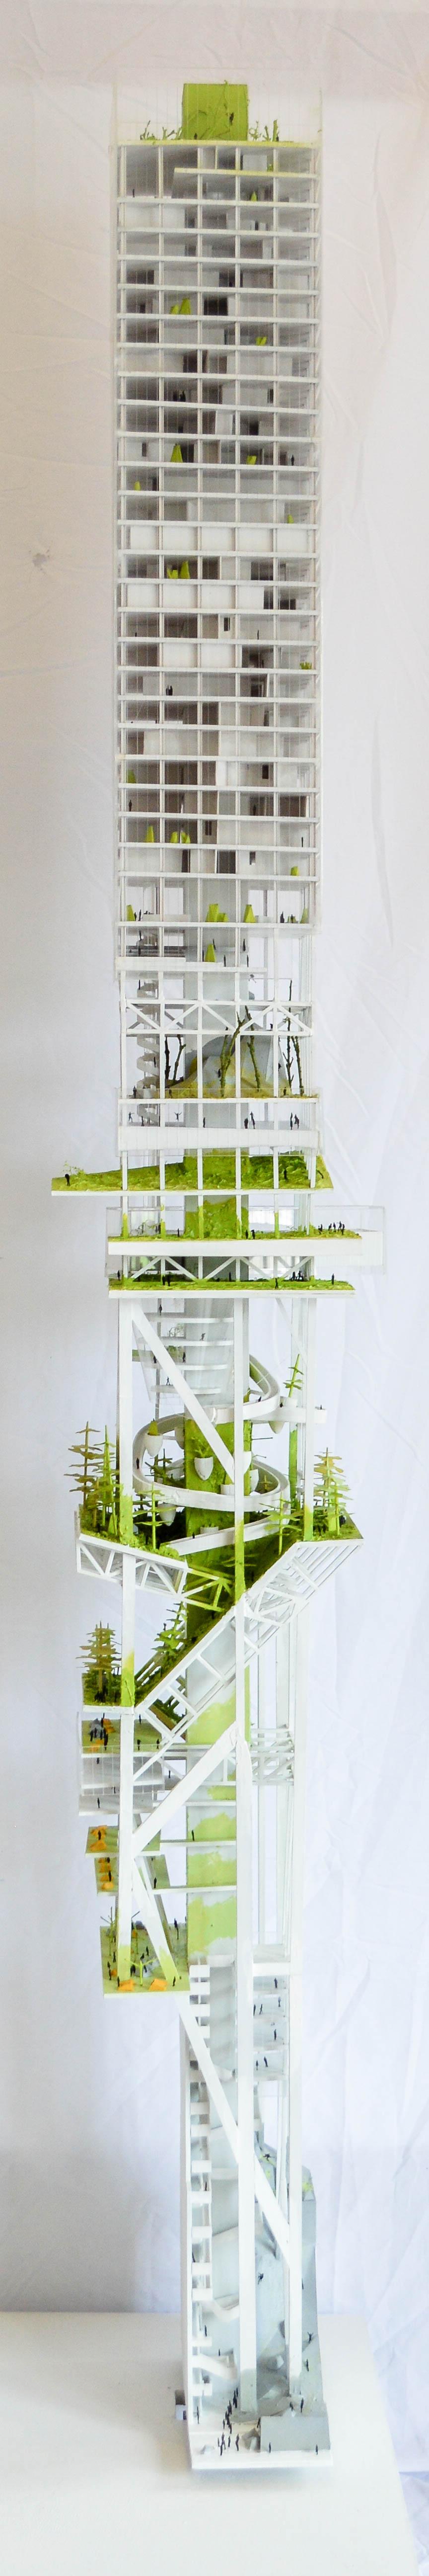 verticaltower.jpg